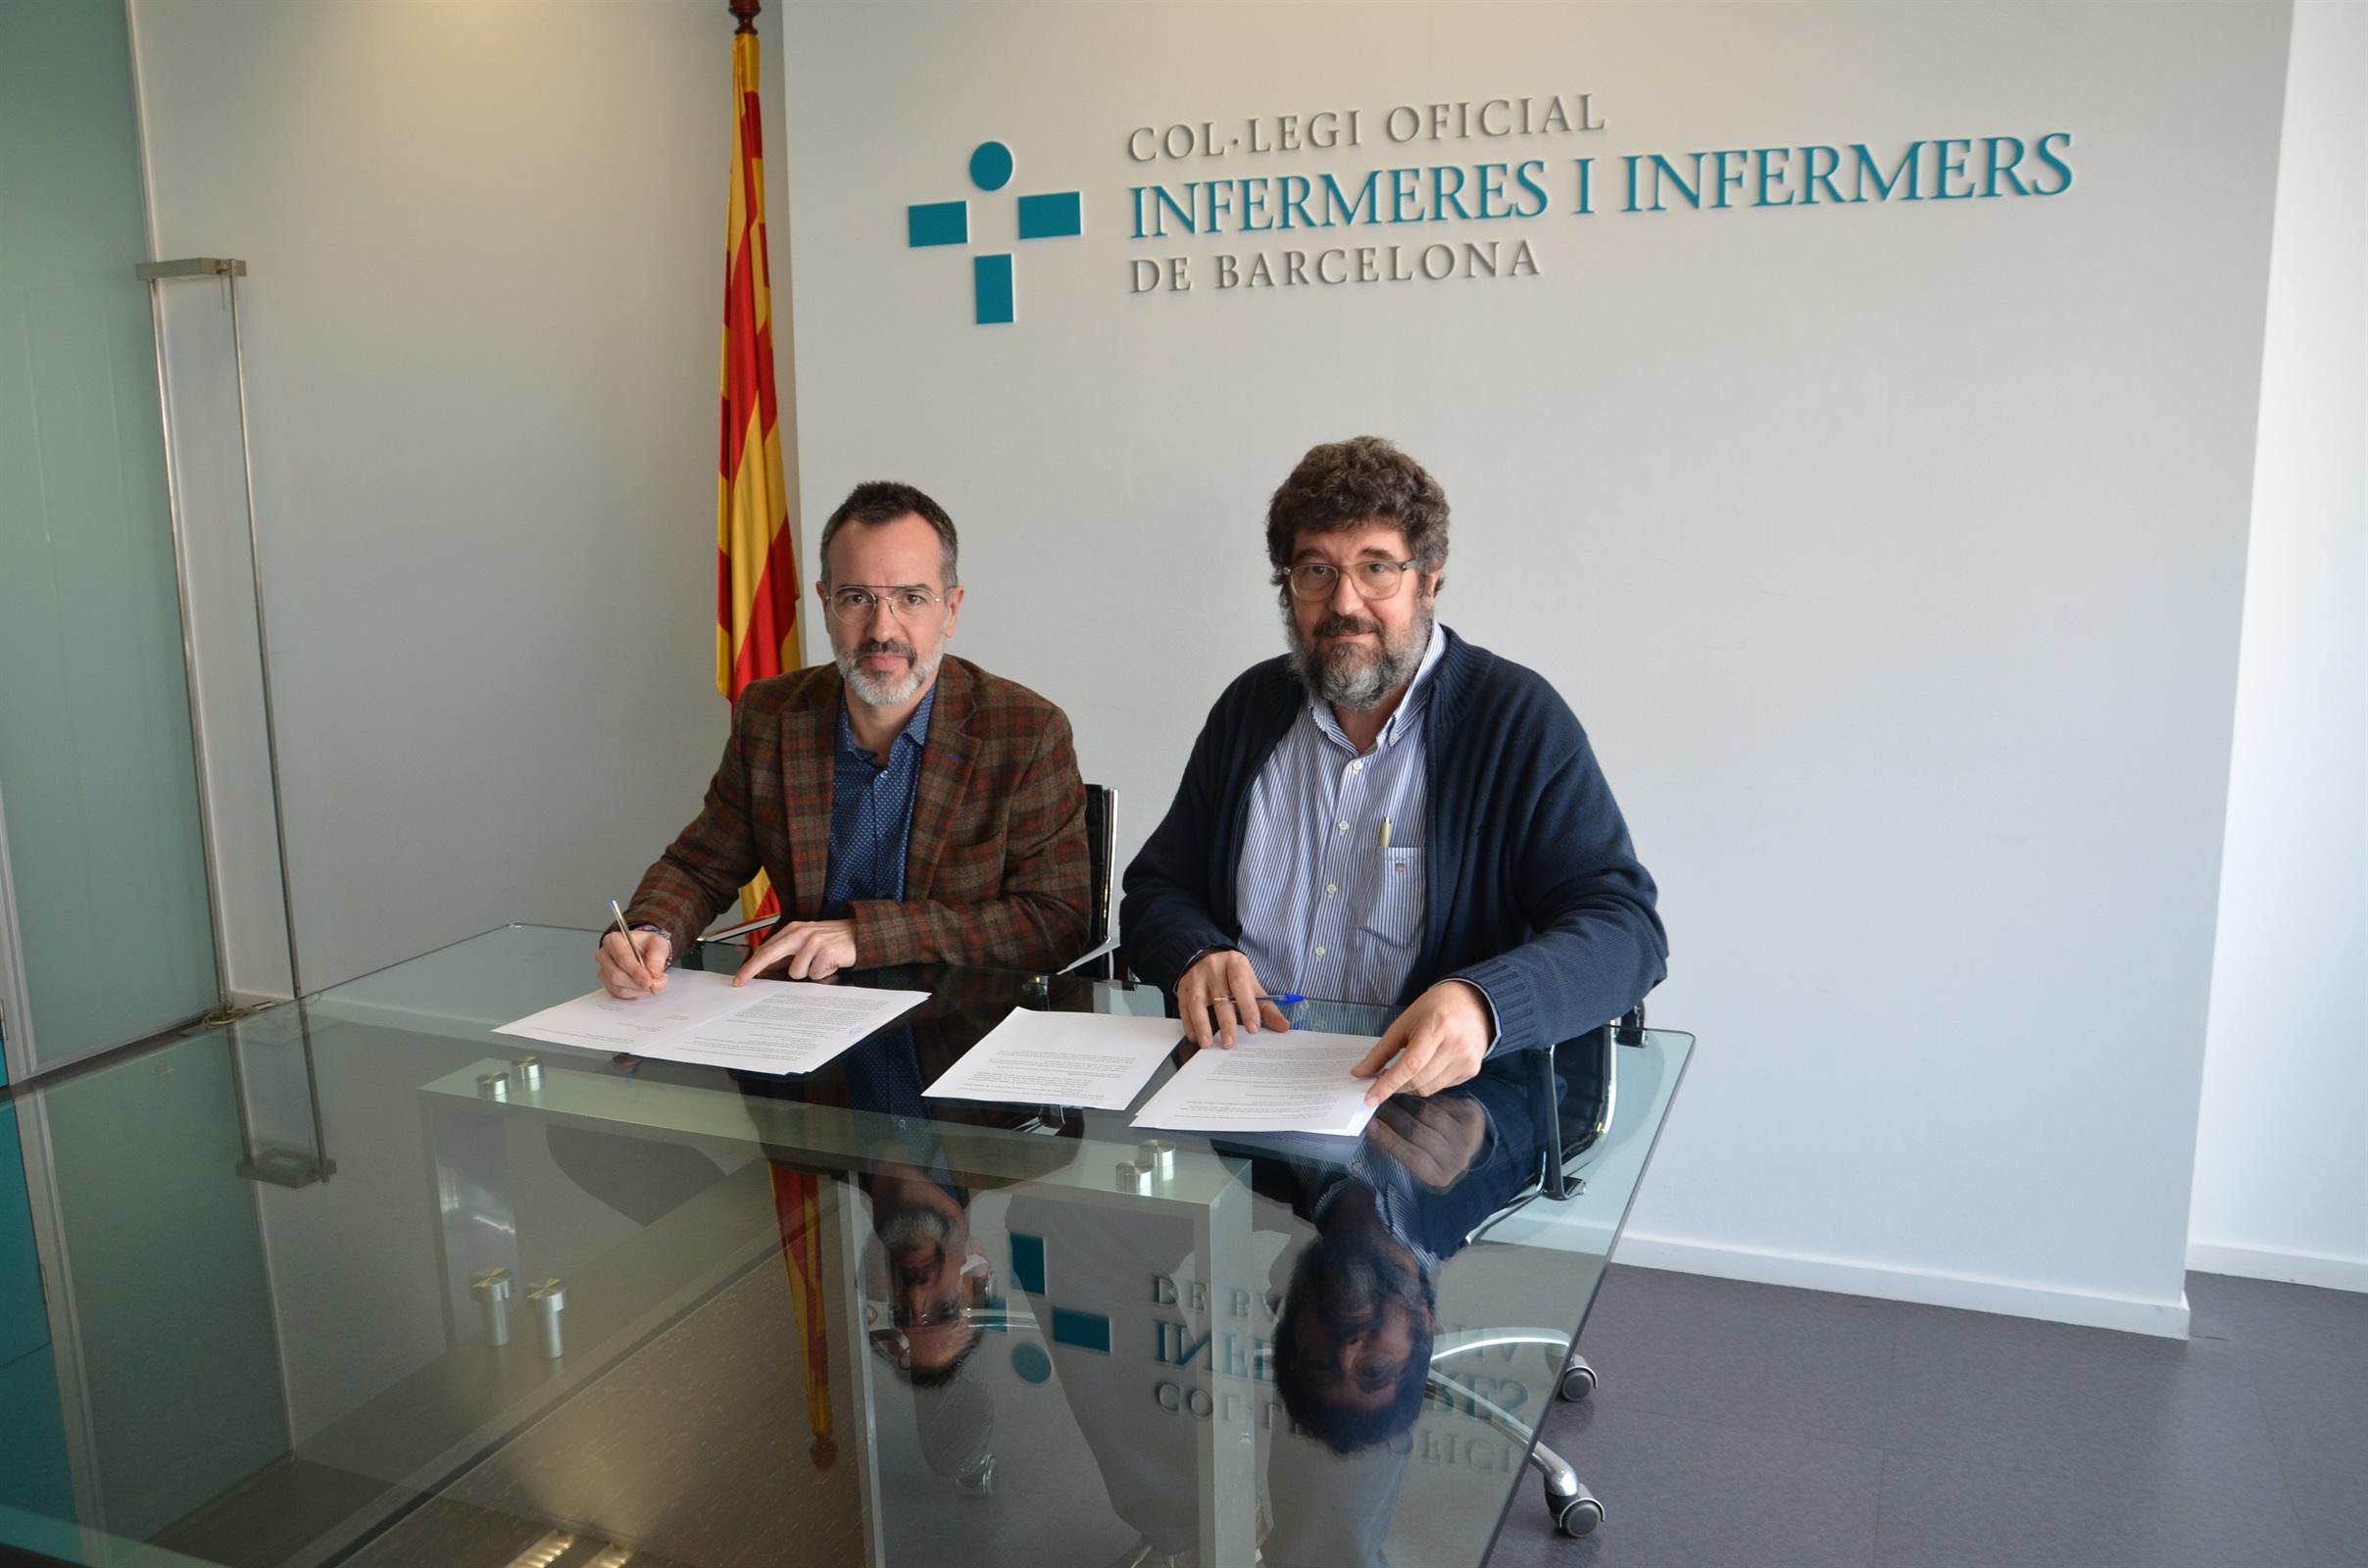 COIB i i2CAT impulsaran conjuntament projectes de salut relacionats amb la Internet de les coses i la Internet de les persones